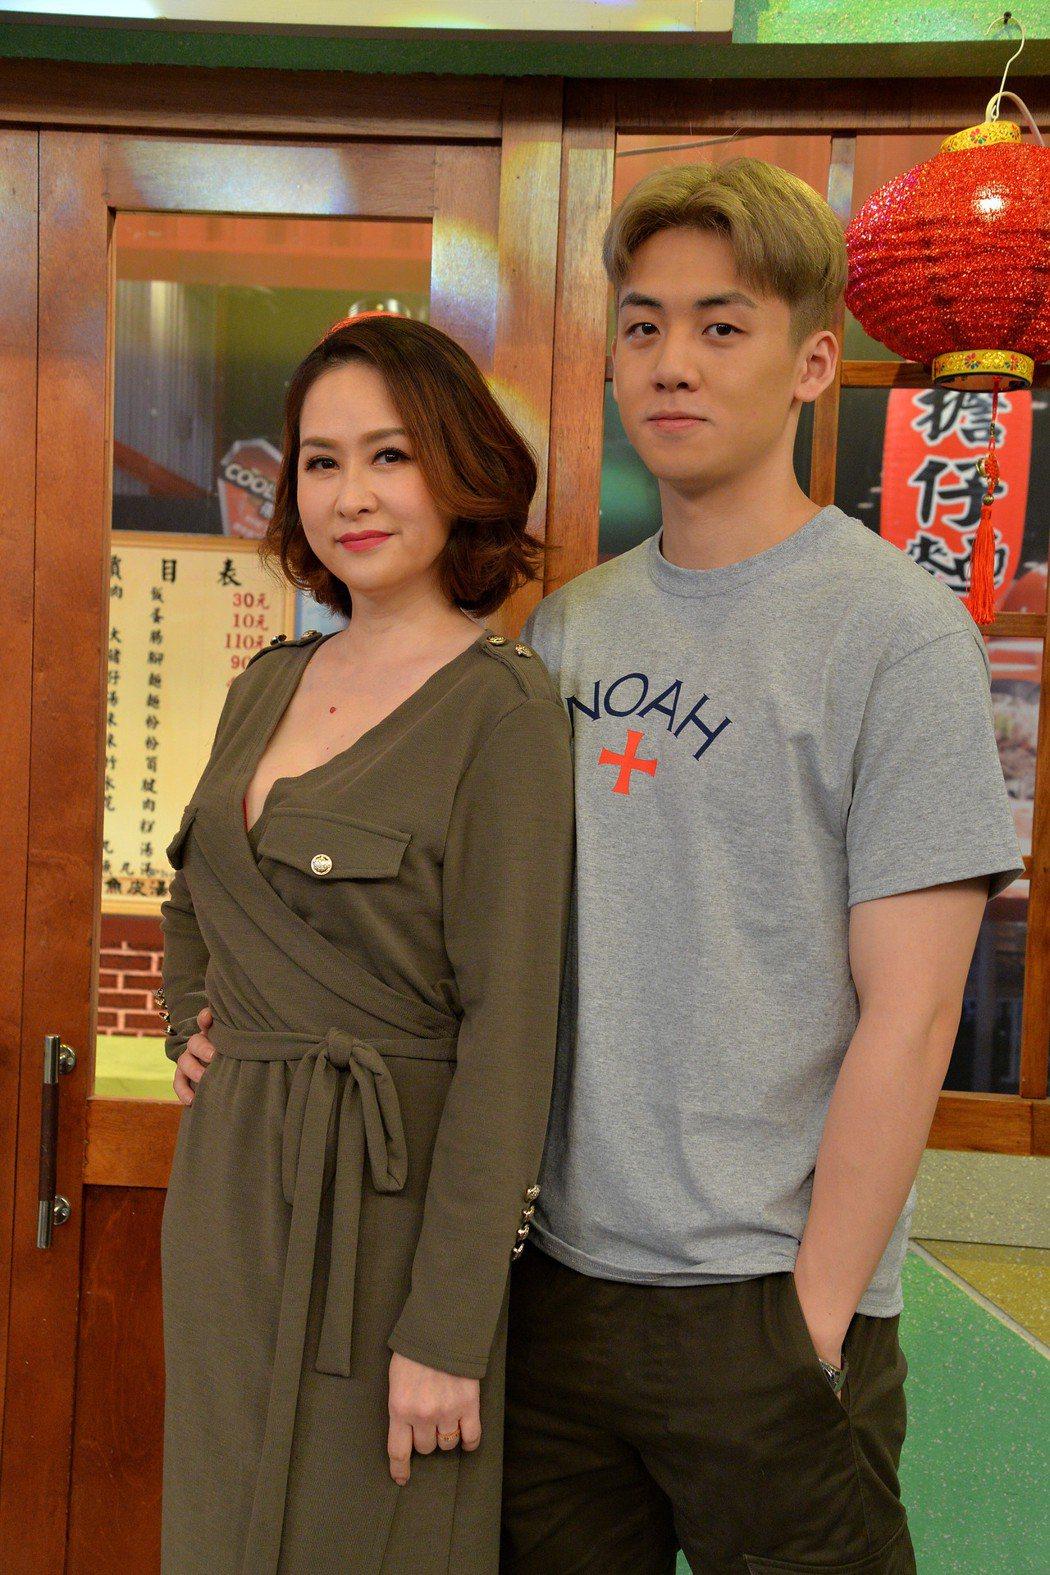 金友莊(左)和寶弟錄衛視「請問你是哪裡人」。圖/衛視提供